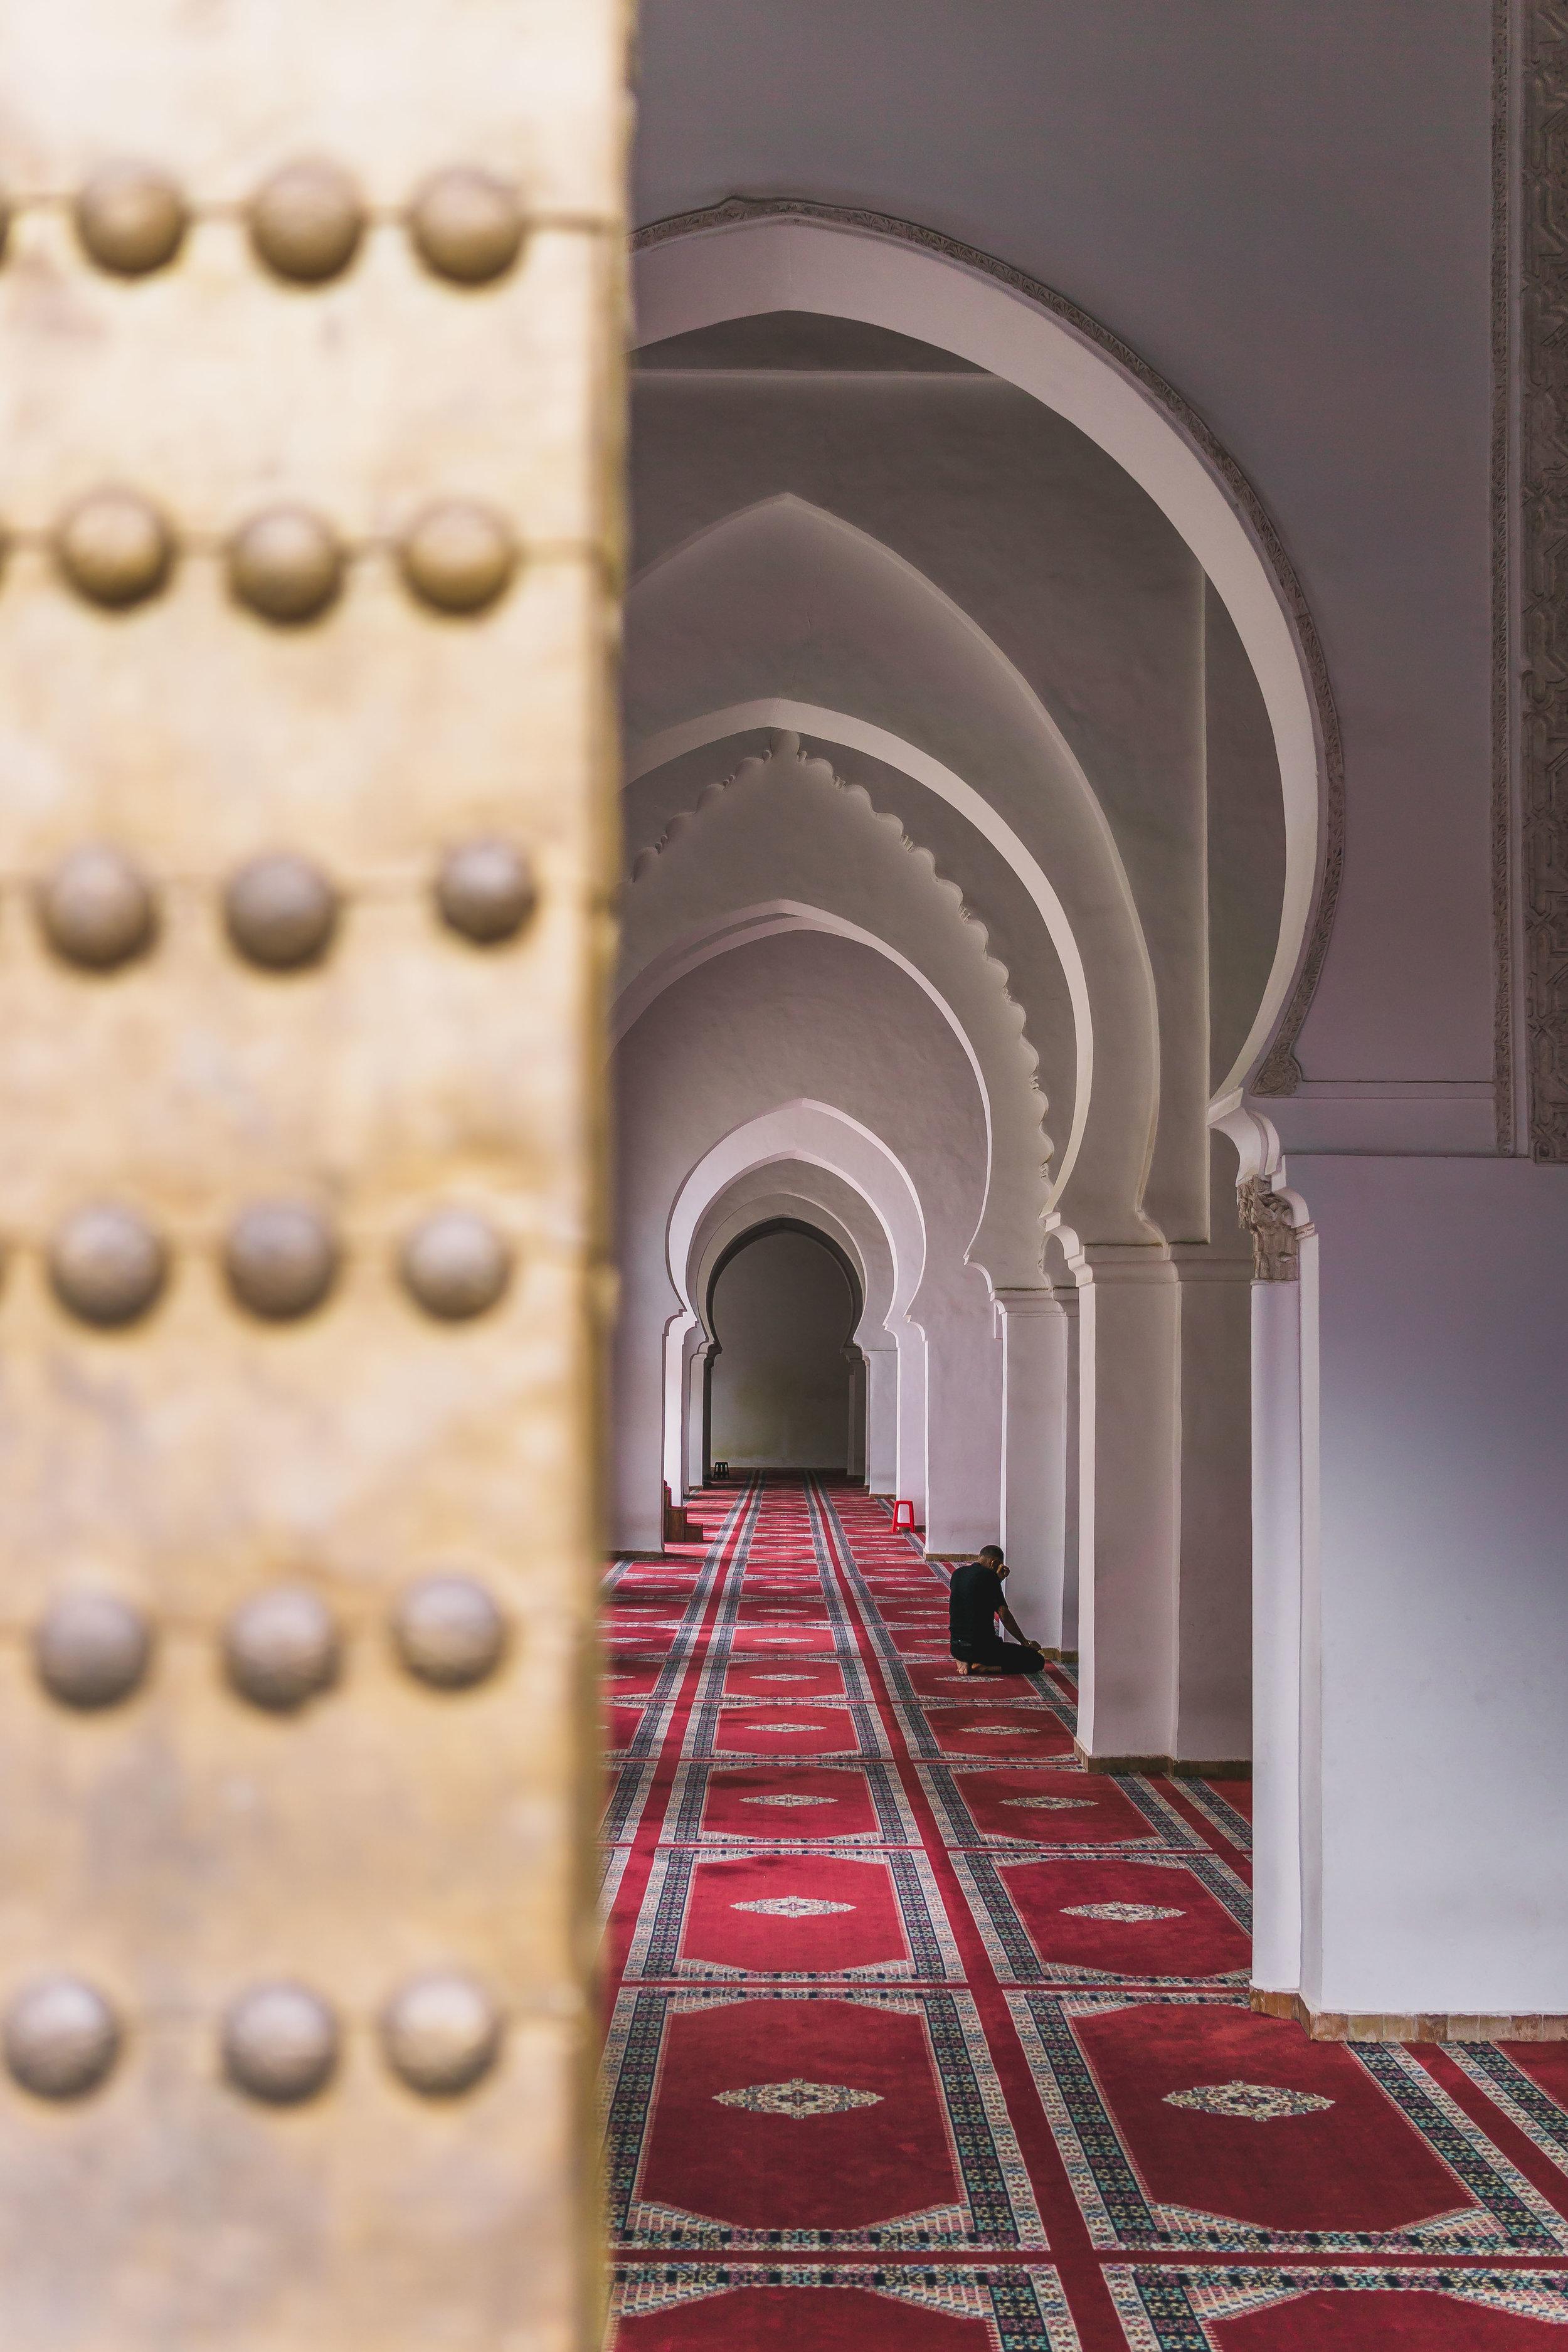 Moulay El yazid Mosque I, Marrakech